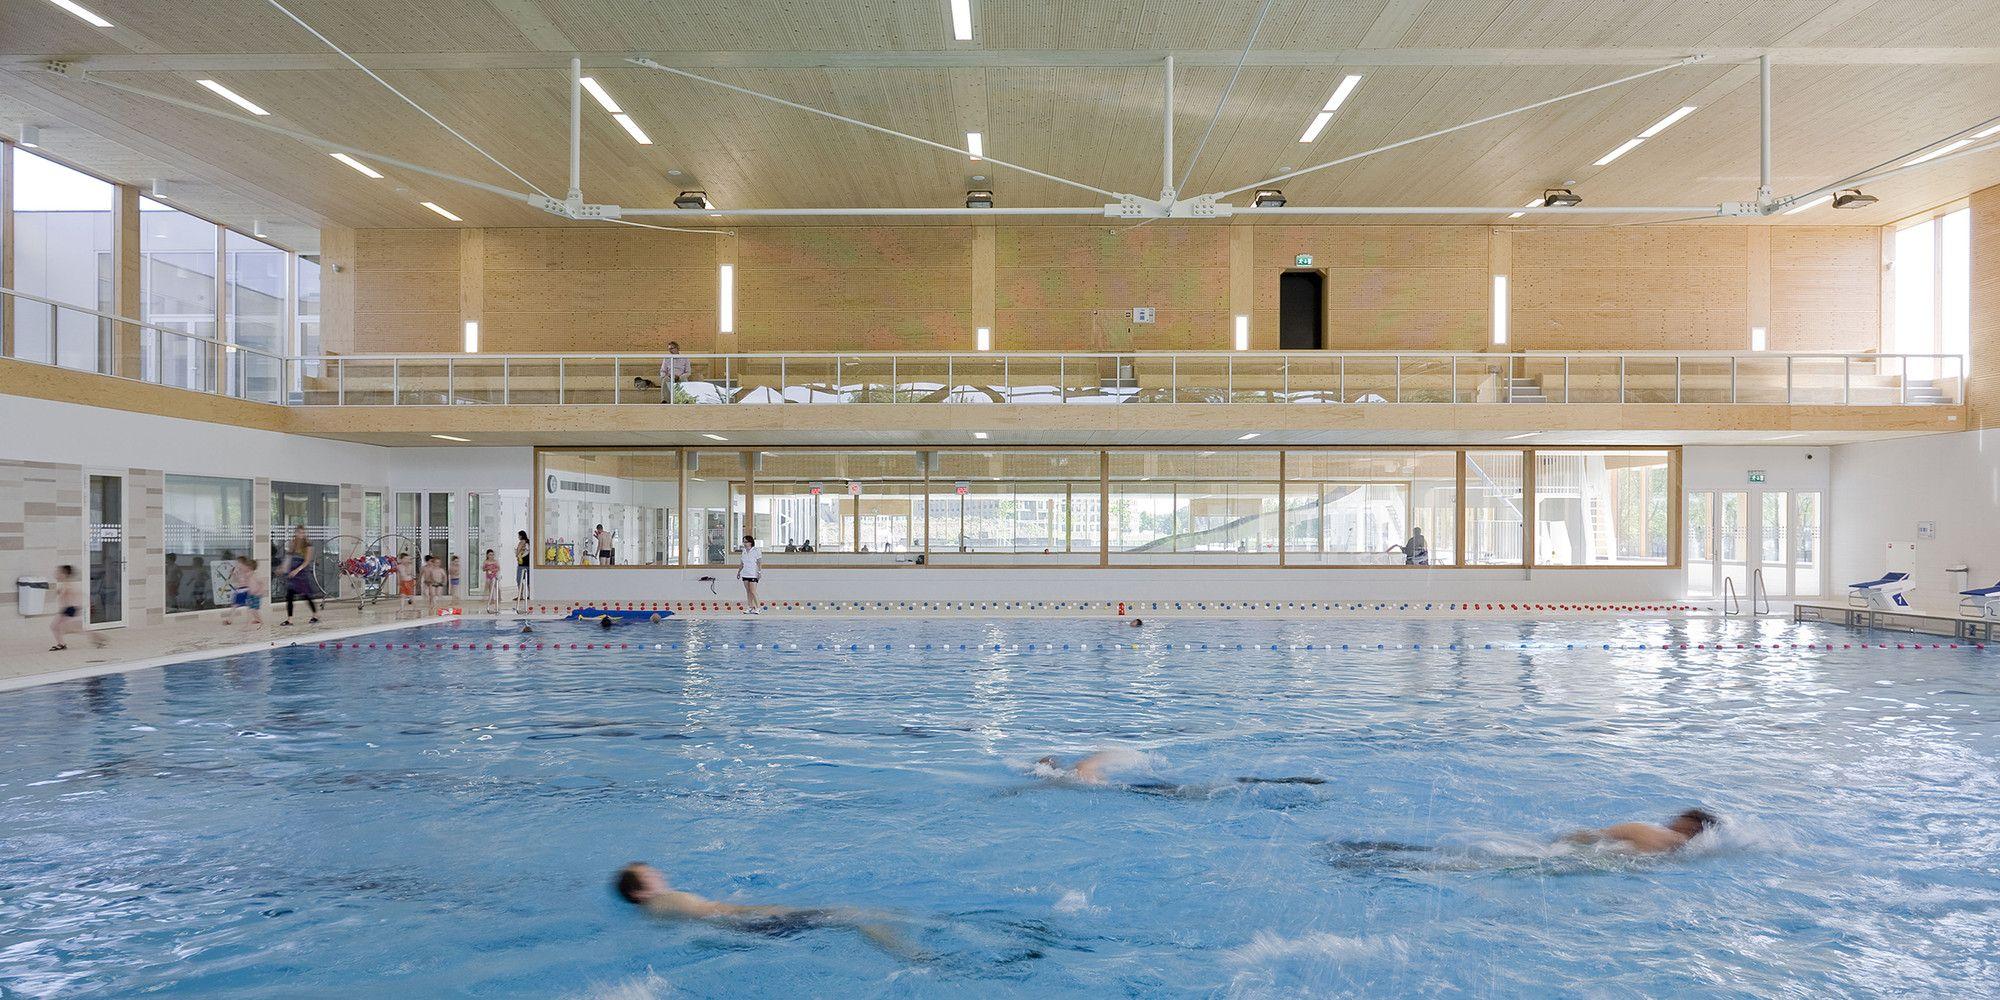 Gallery Multifunctional Swimming Pool Complex De Geusselt Slangen Koenis Architects 8 Pool Swimming Pools Swimming Pool Architecture